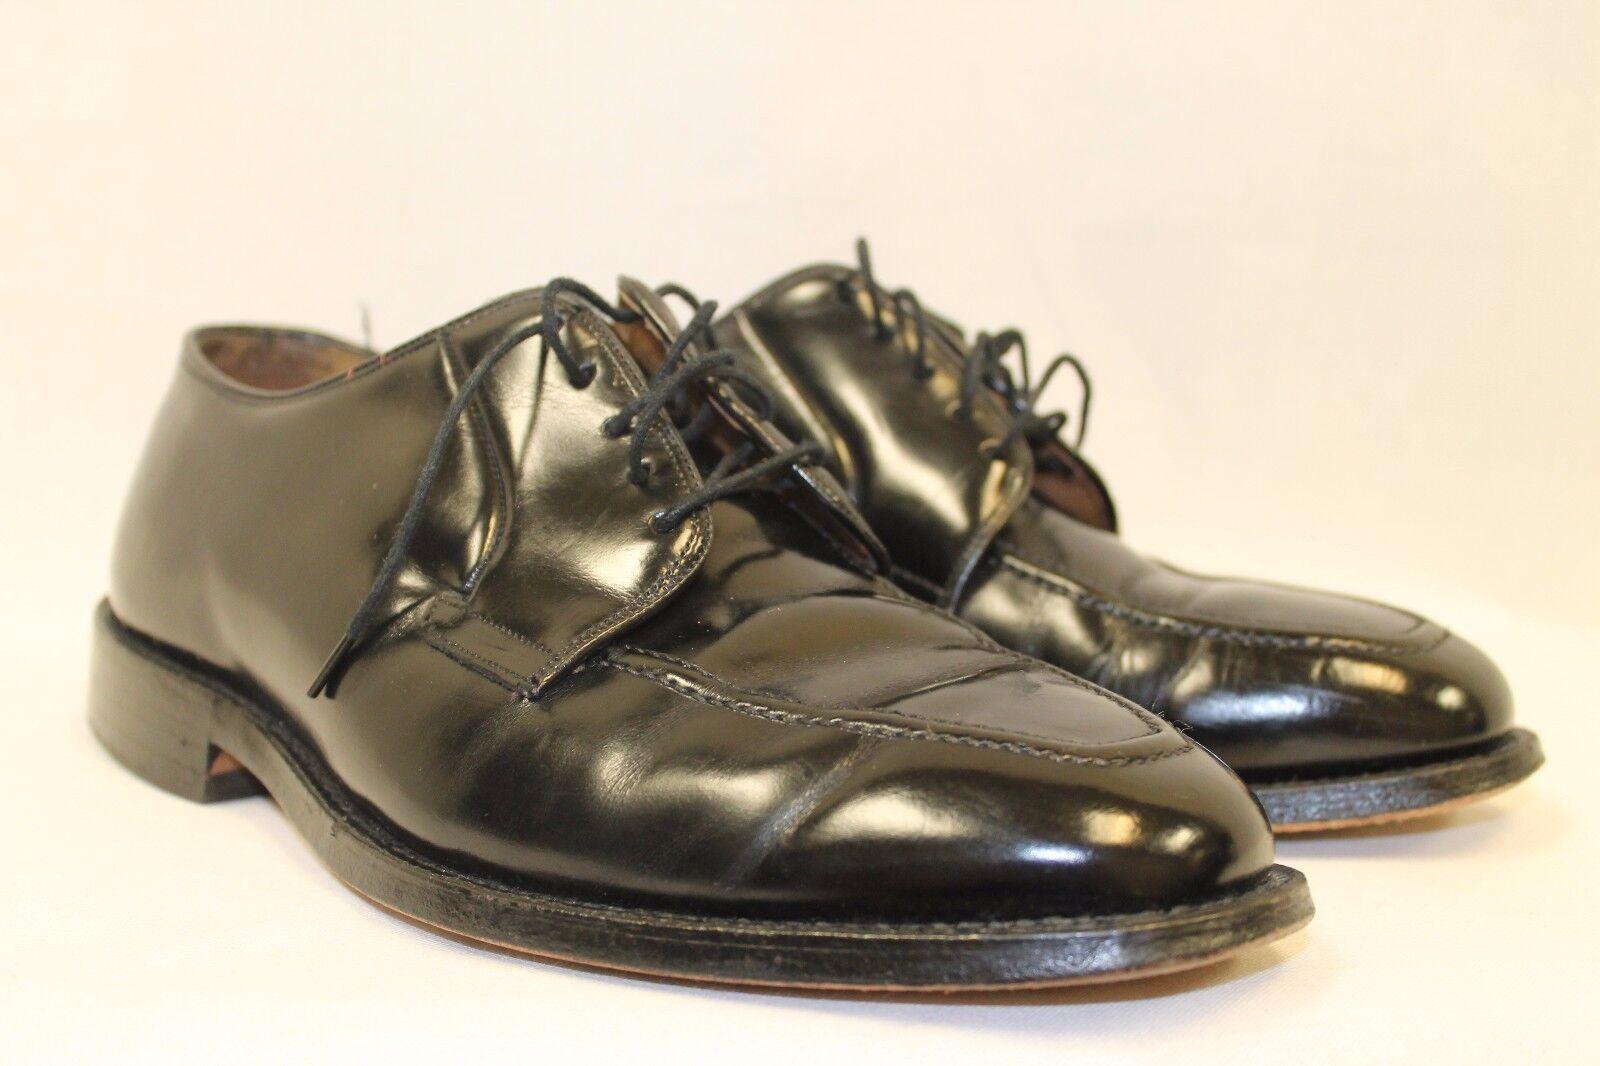 compra nuovo economico Johnston and Murphy Heritage Apron Apron Apron Toe Leather USA 8 3E EEE nero Extra Wide  divertiti con uno sconto del 30-50%